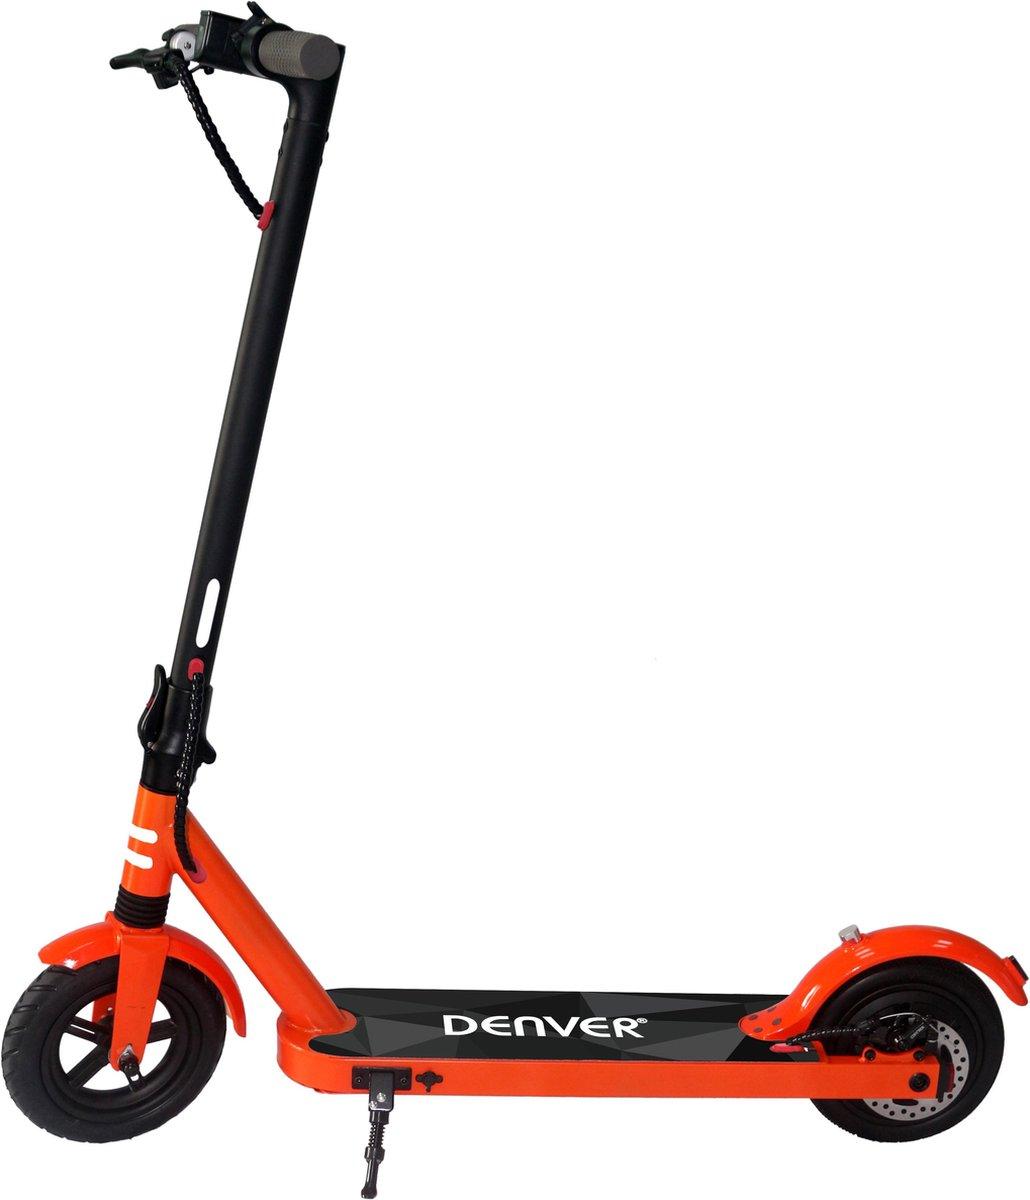 """Denver SEL-85350F Elektrische step voor kinderen & volwassenen 8.5"""""""" Wielen 25 km/u E-Step met aluminium frame actieradius 18KM Inklapbaar Met LED verlichting voor & achter E-Scooter Oranje online kopen"""